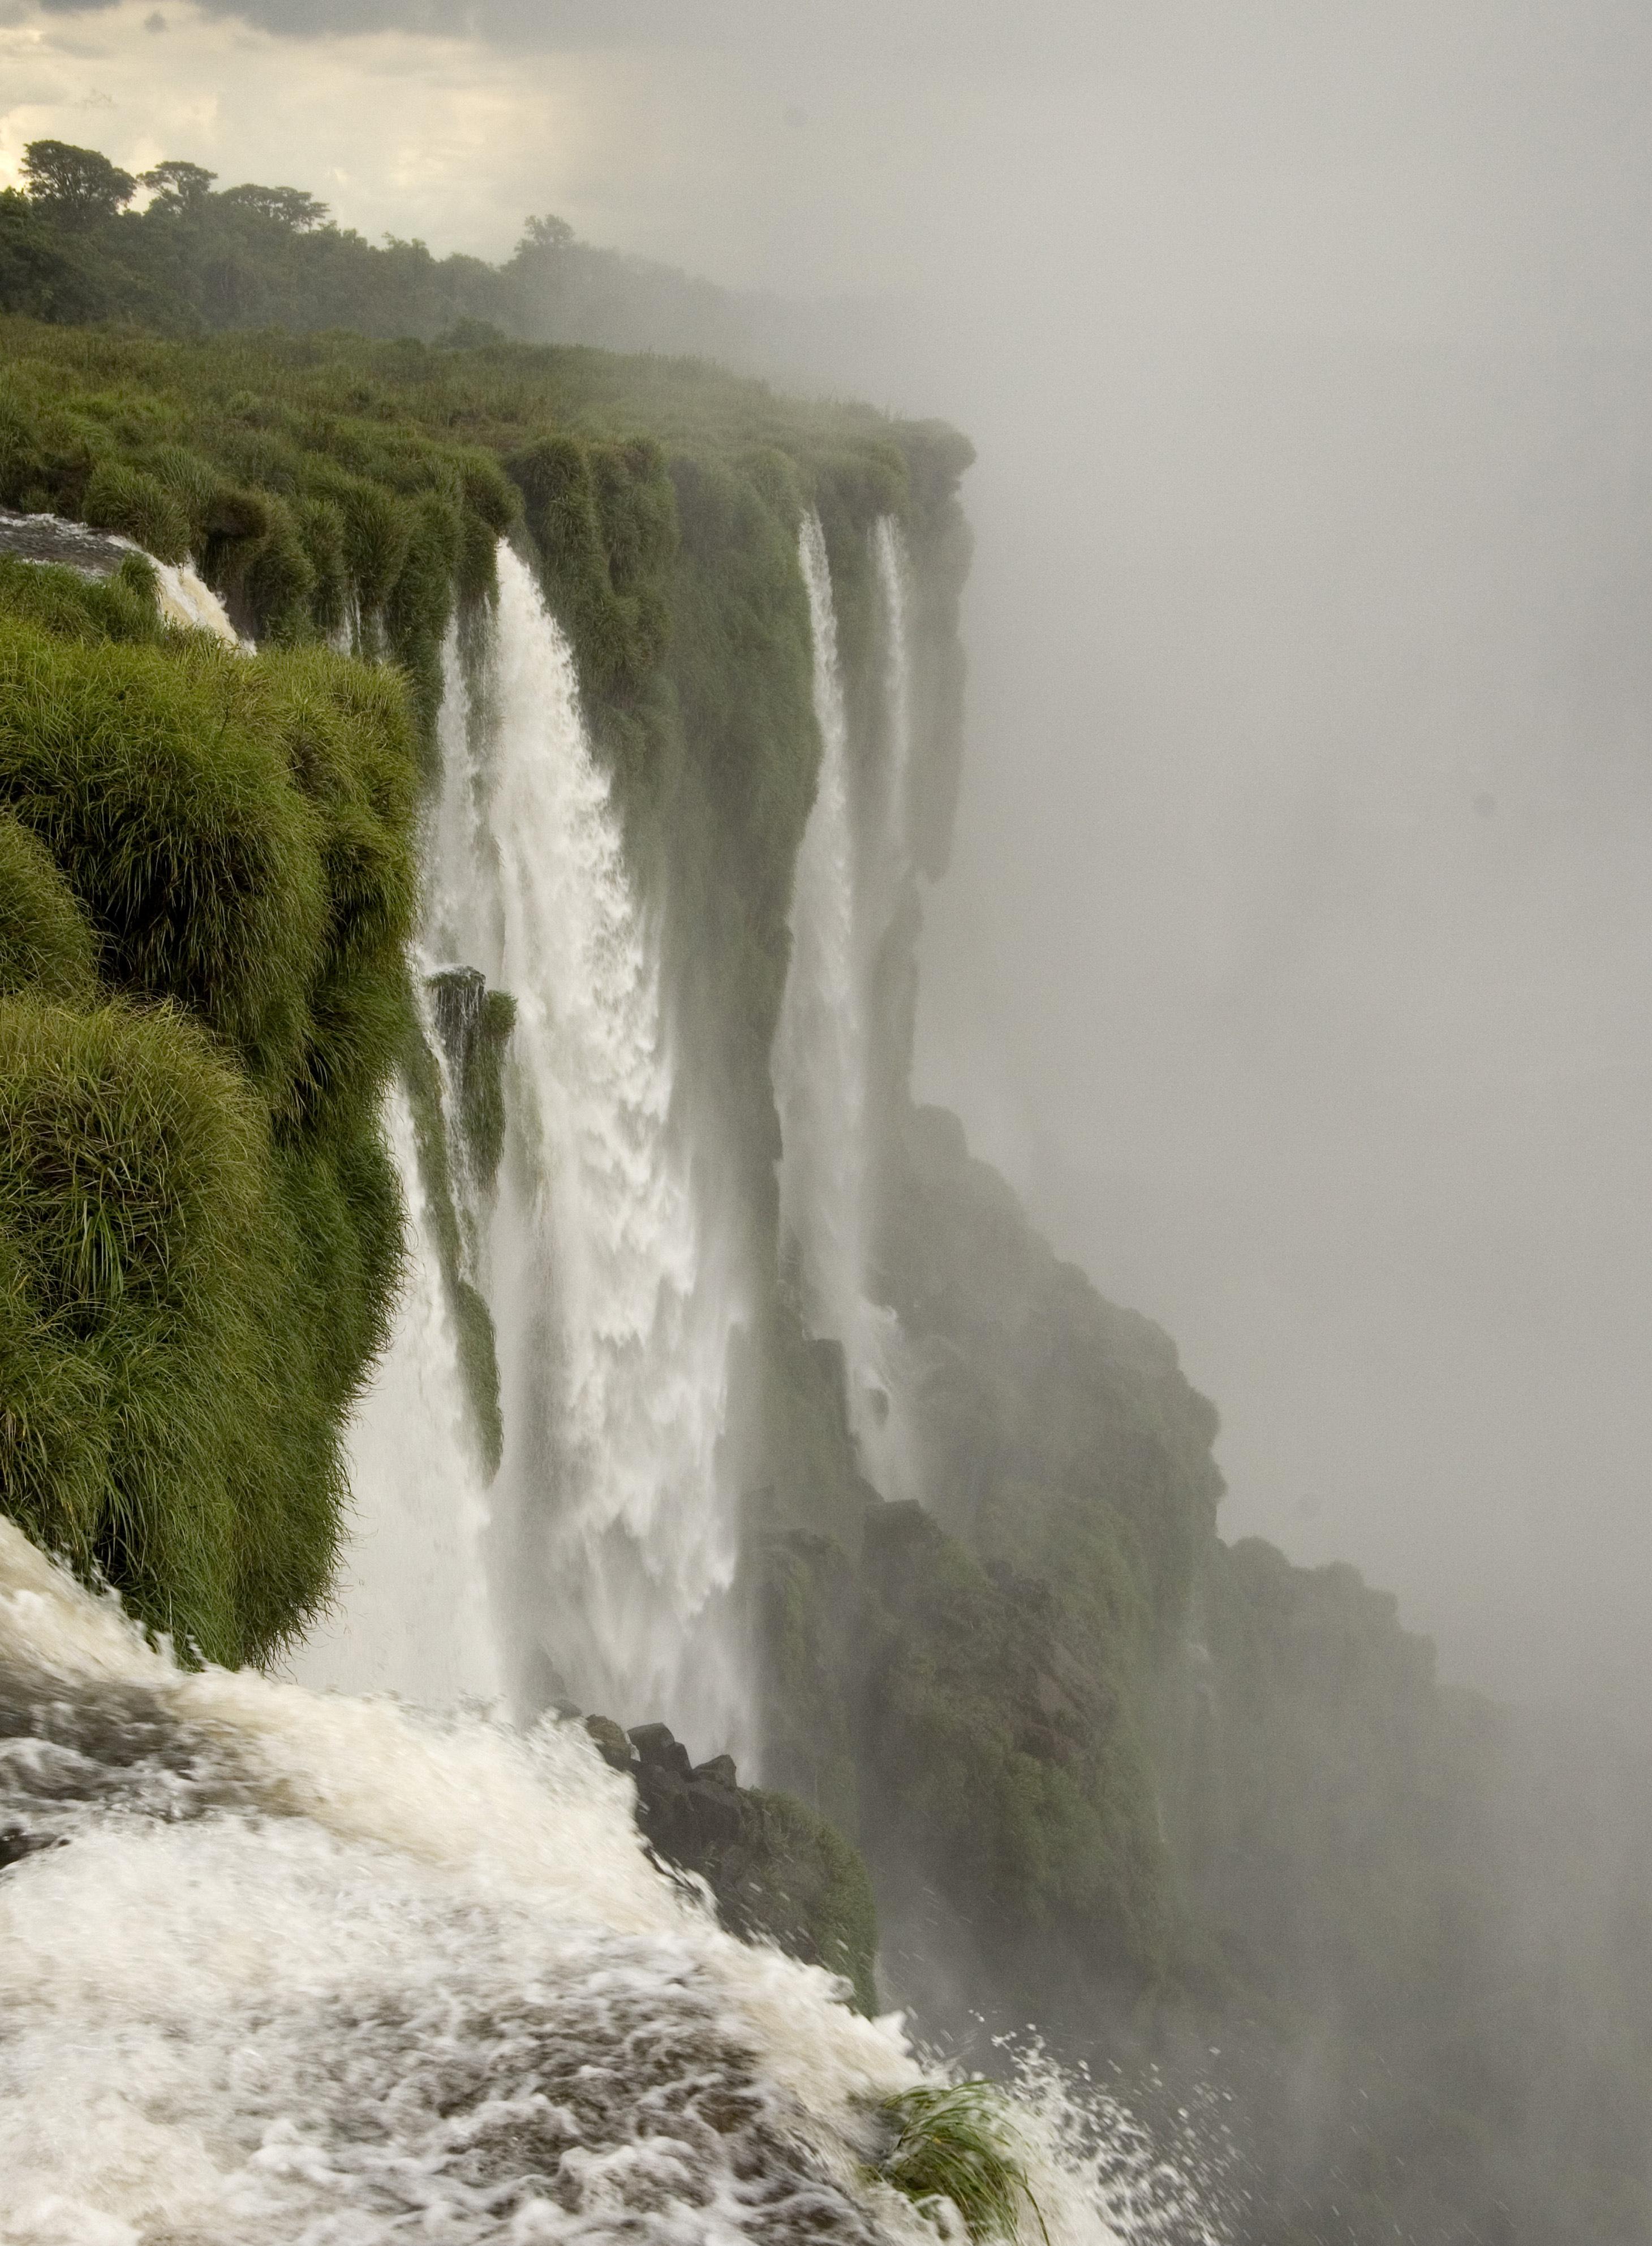 Fo Iguazu